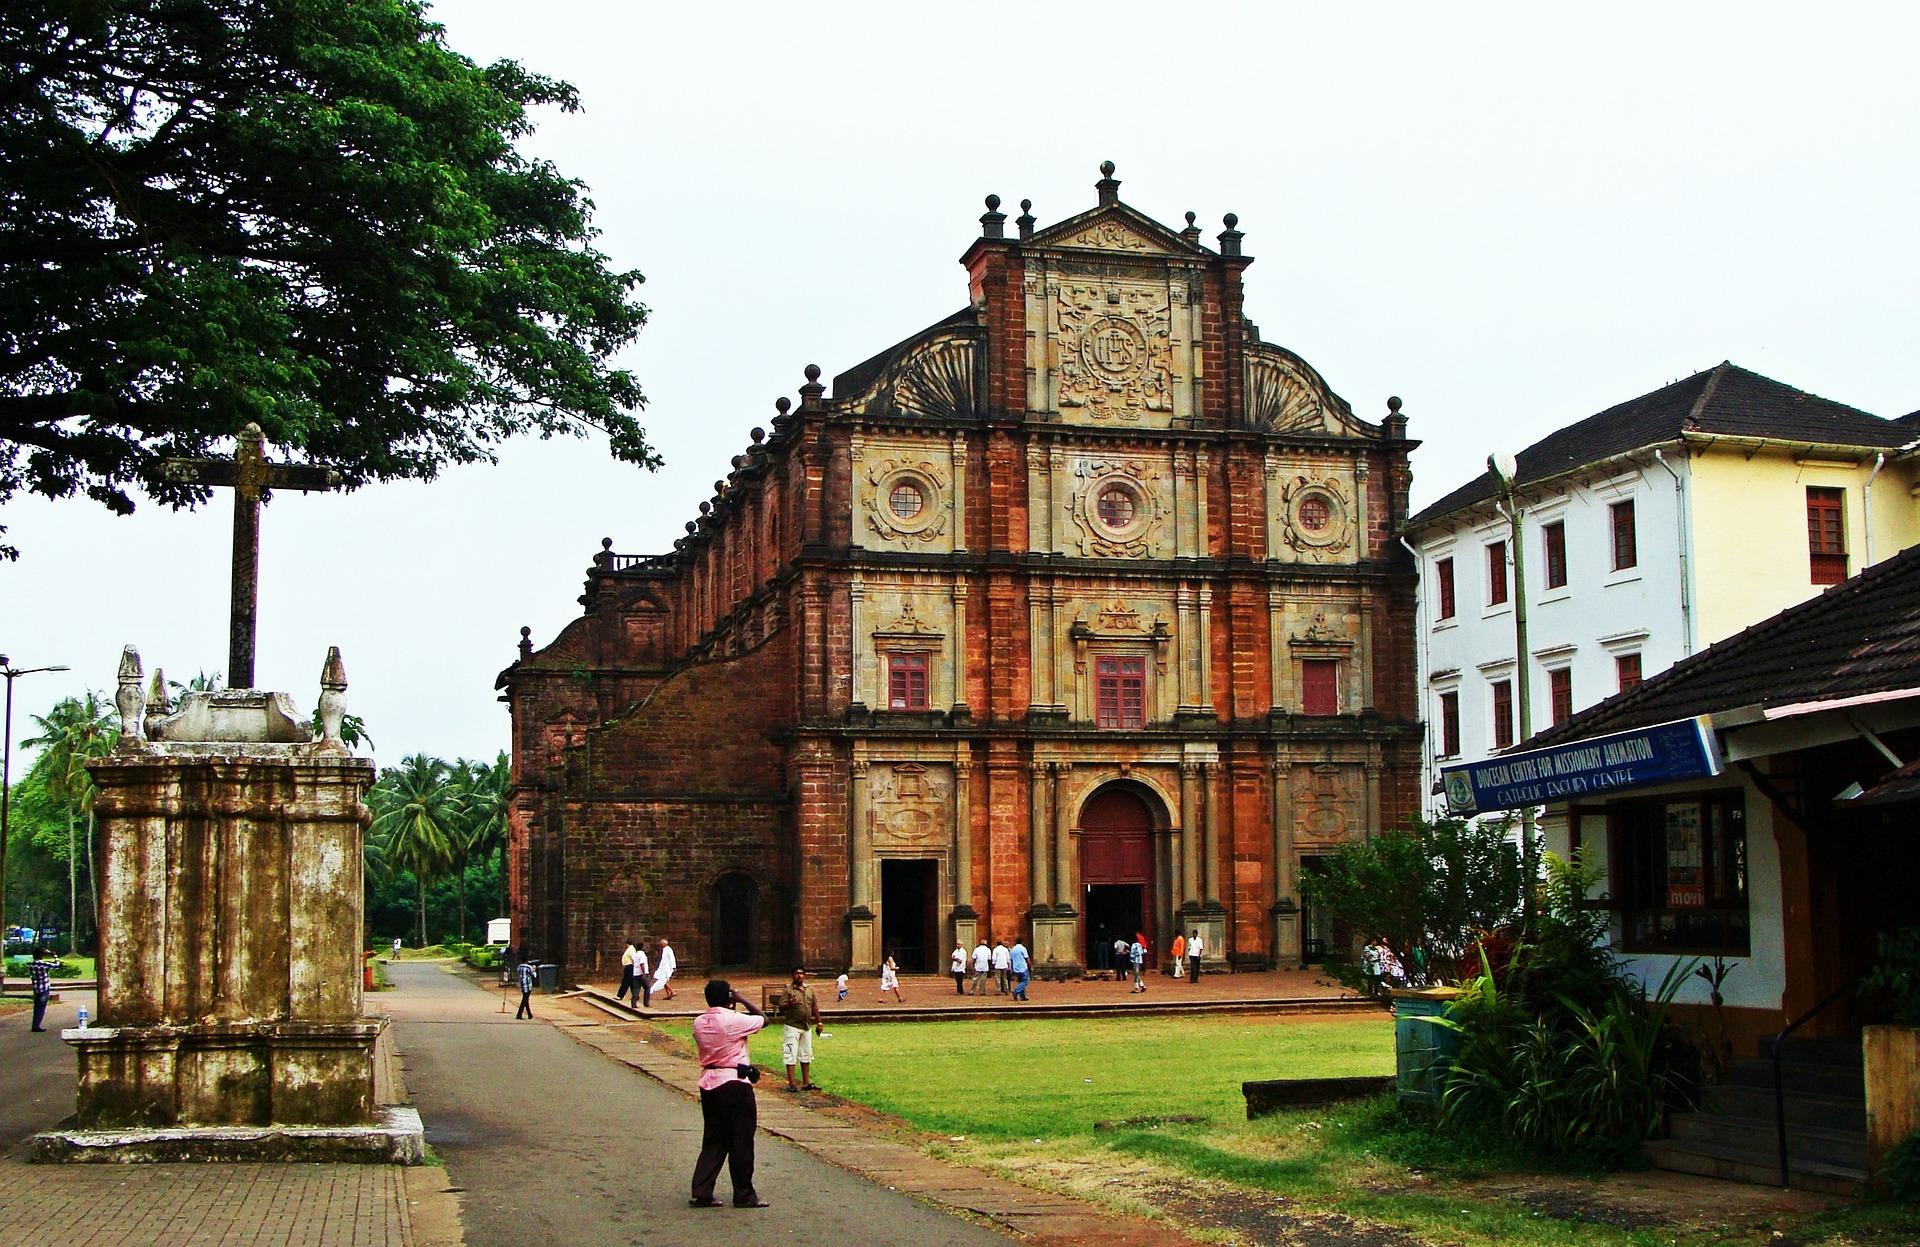 Basilica of Bom Jesus in Old Goa